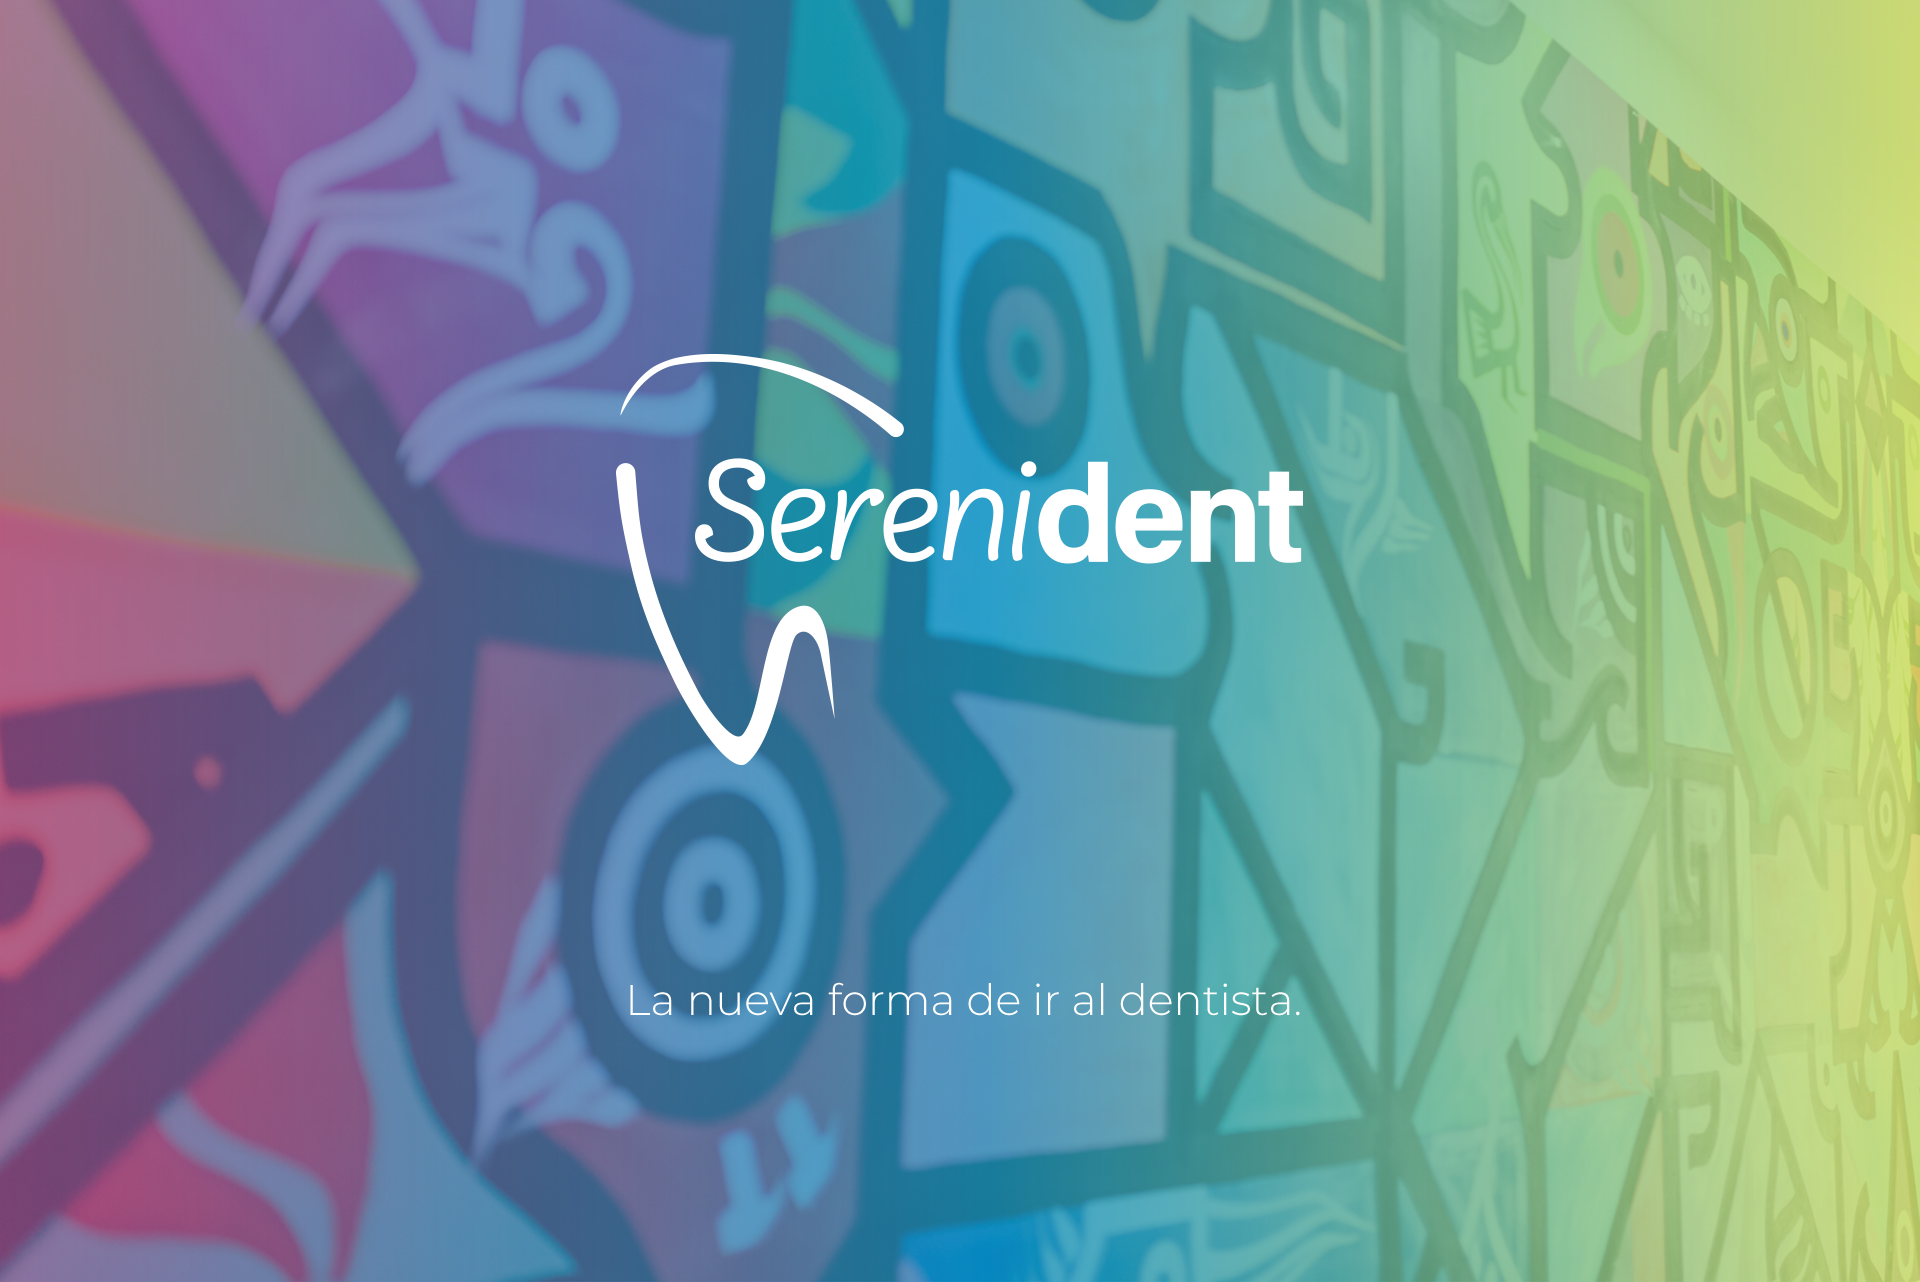 Serenident01